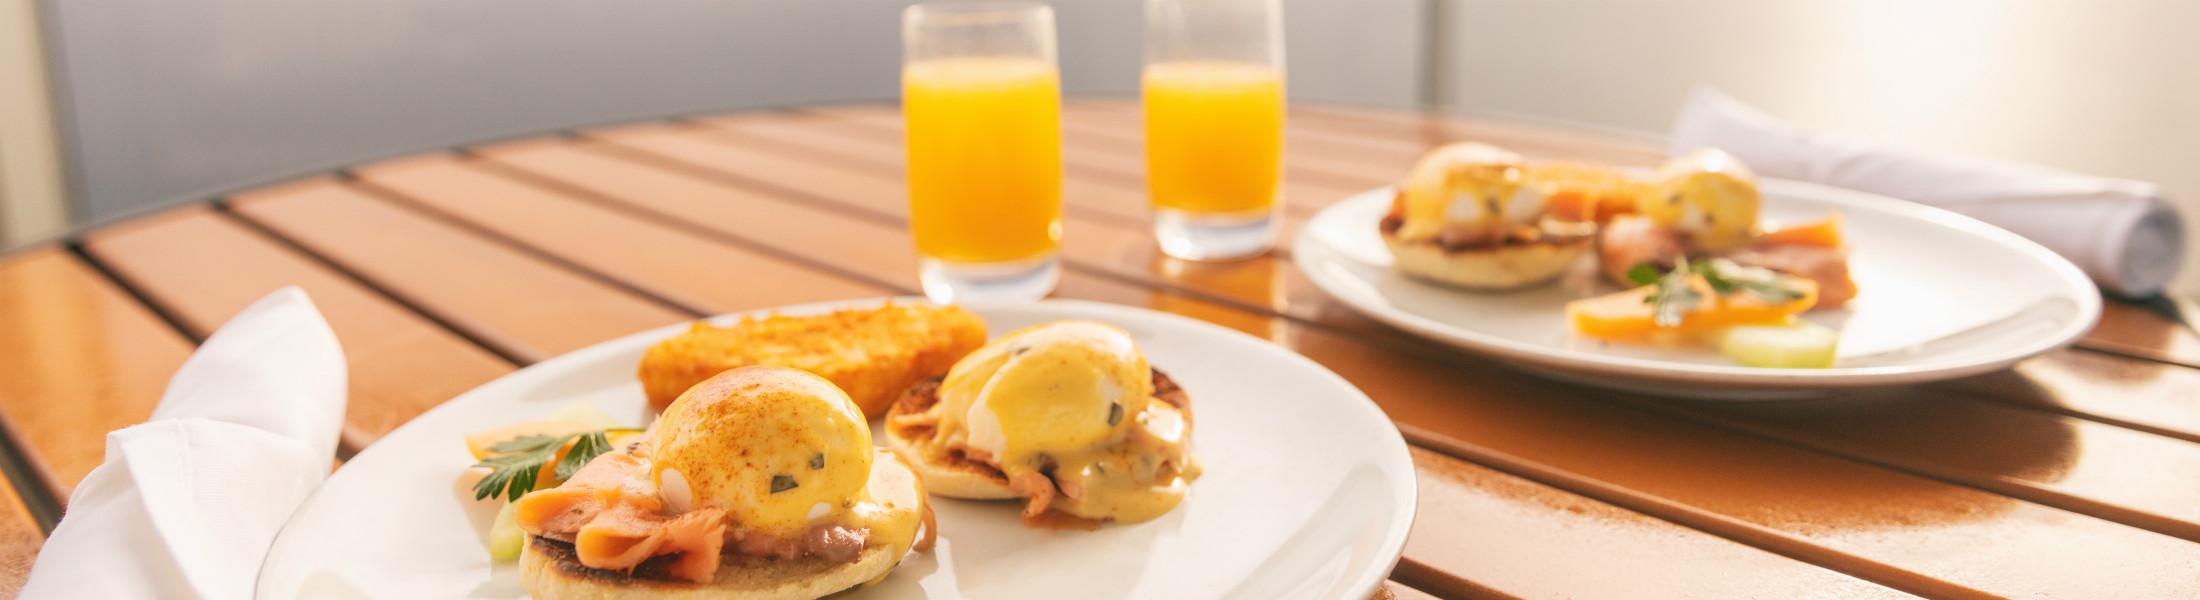 Suite balcony breakfast table